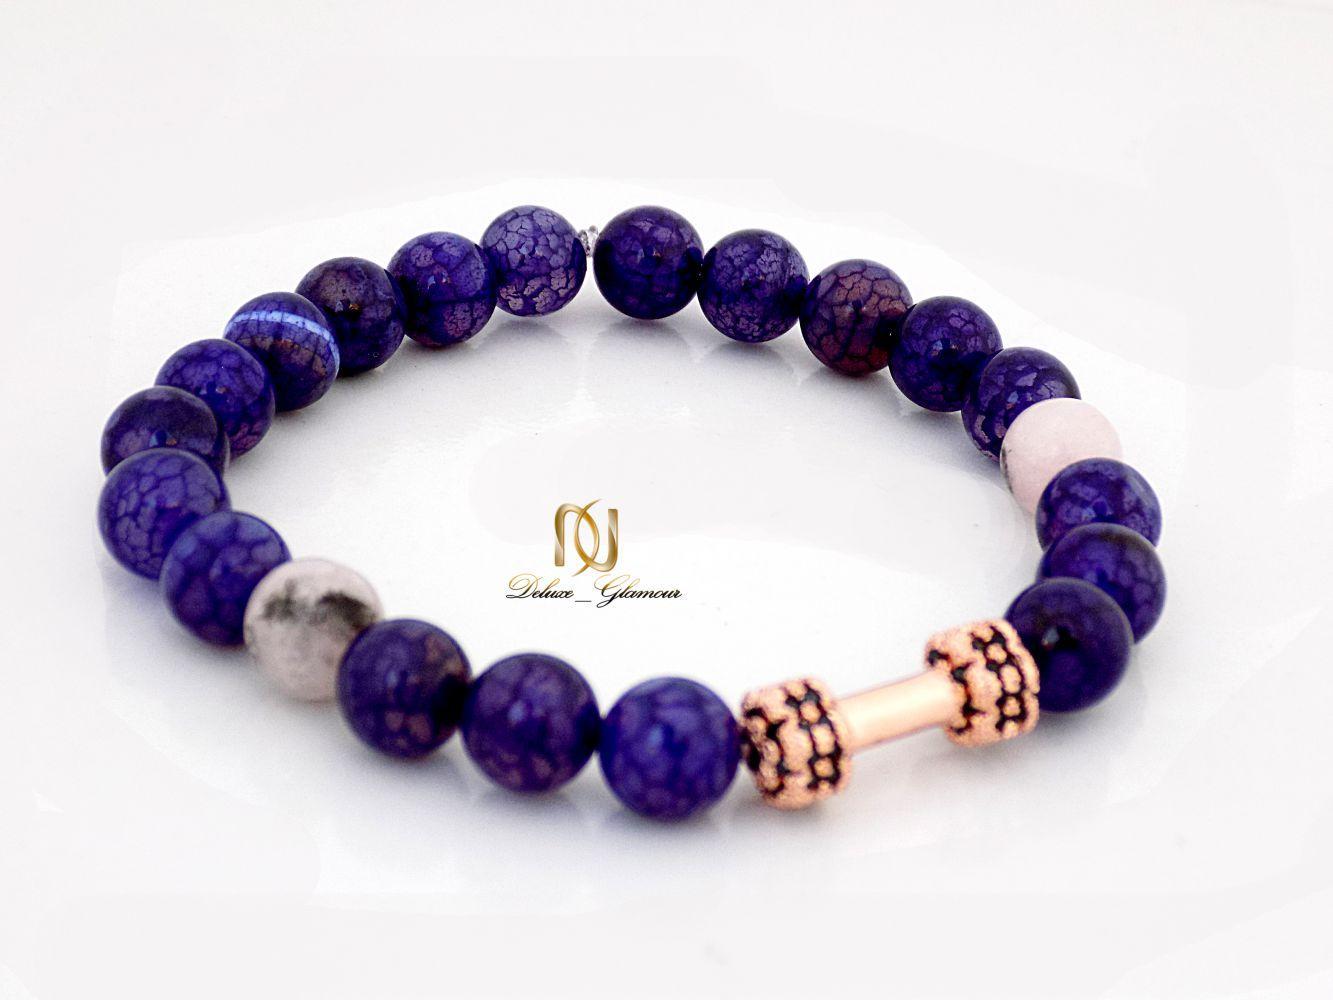 دستبند دخترانه سنگ لاجورد با مهره استیل رزگلد ds-n248 از نمای پایین